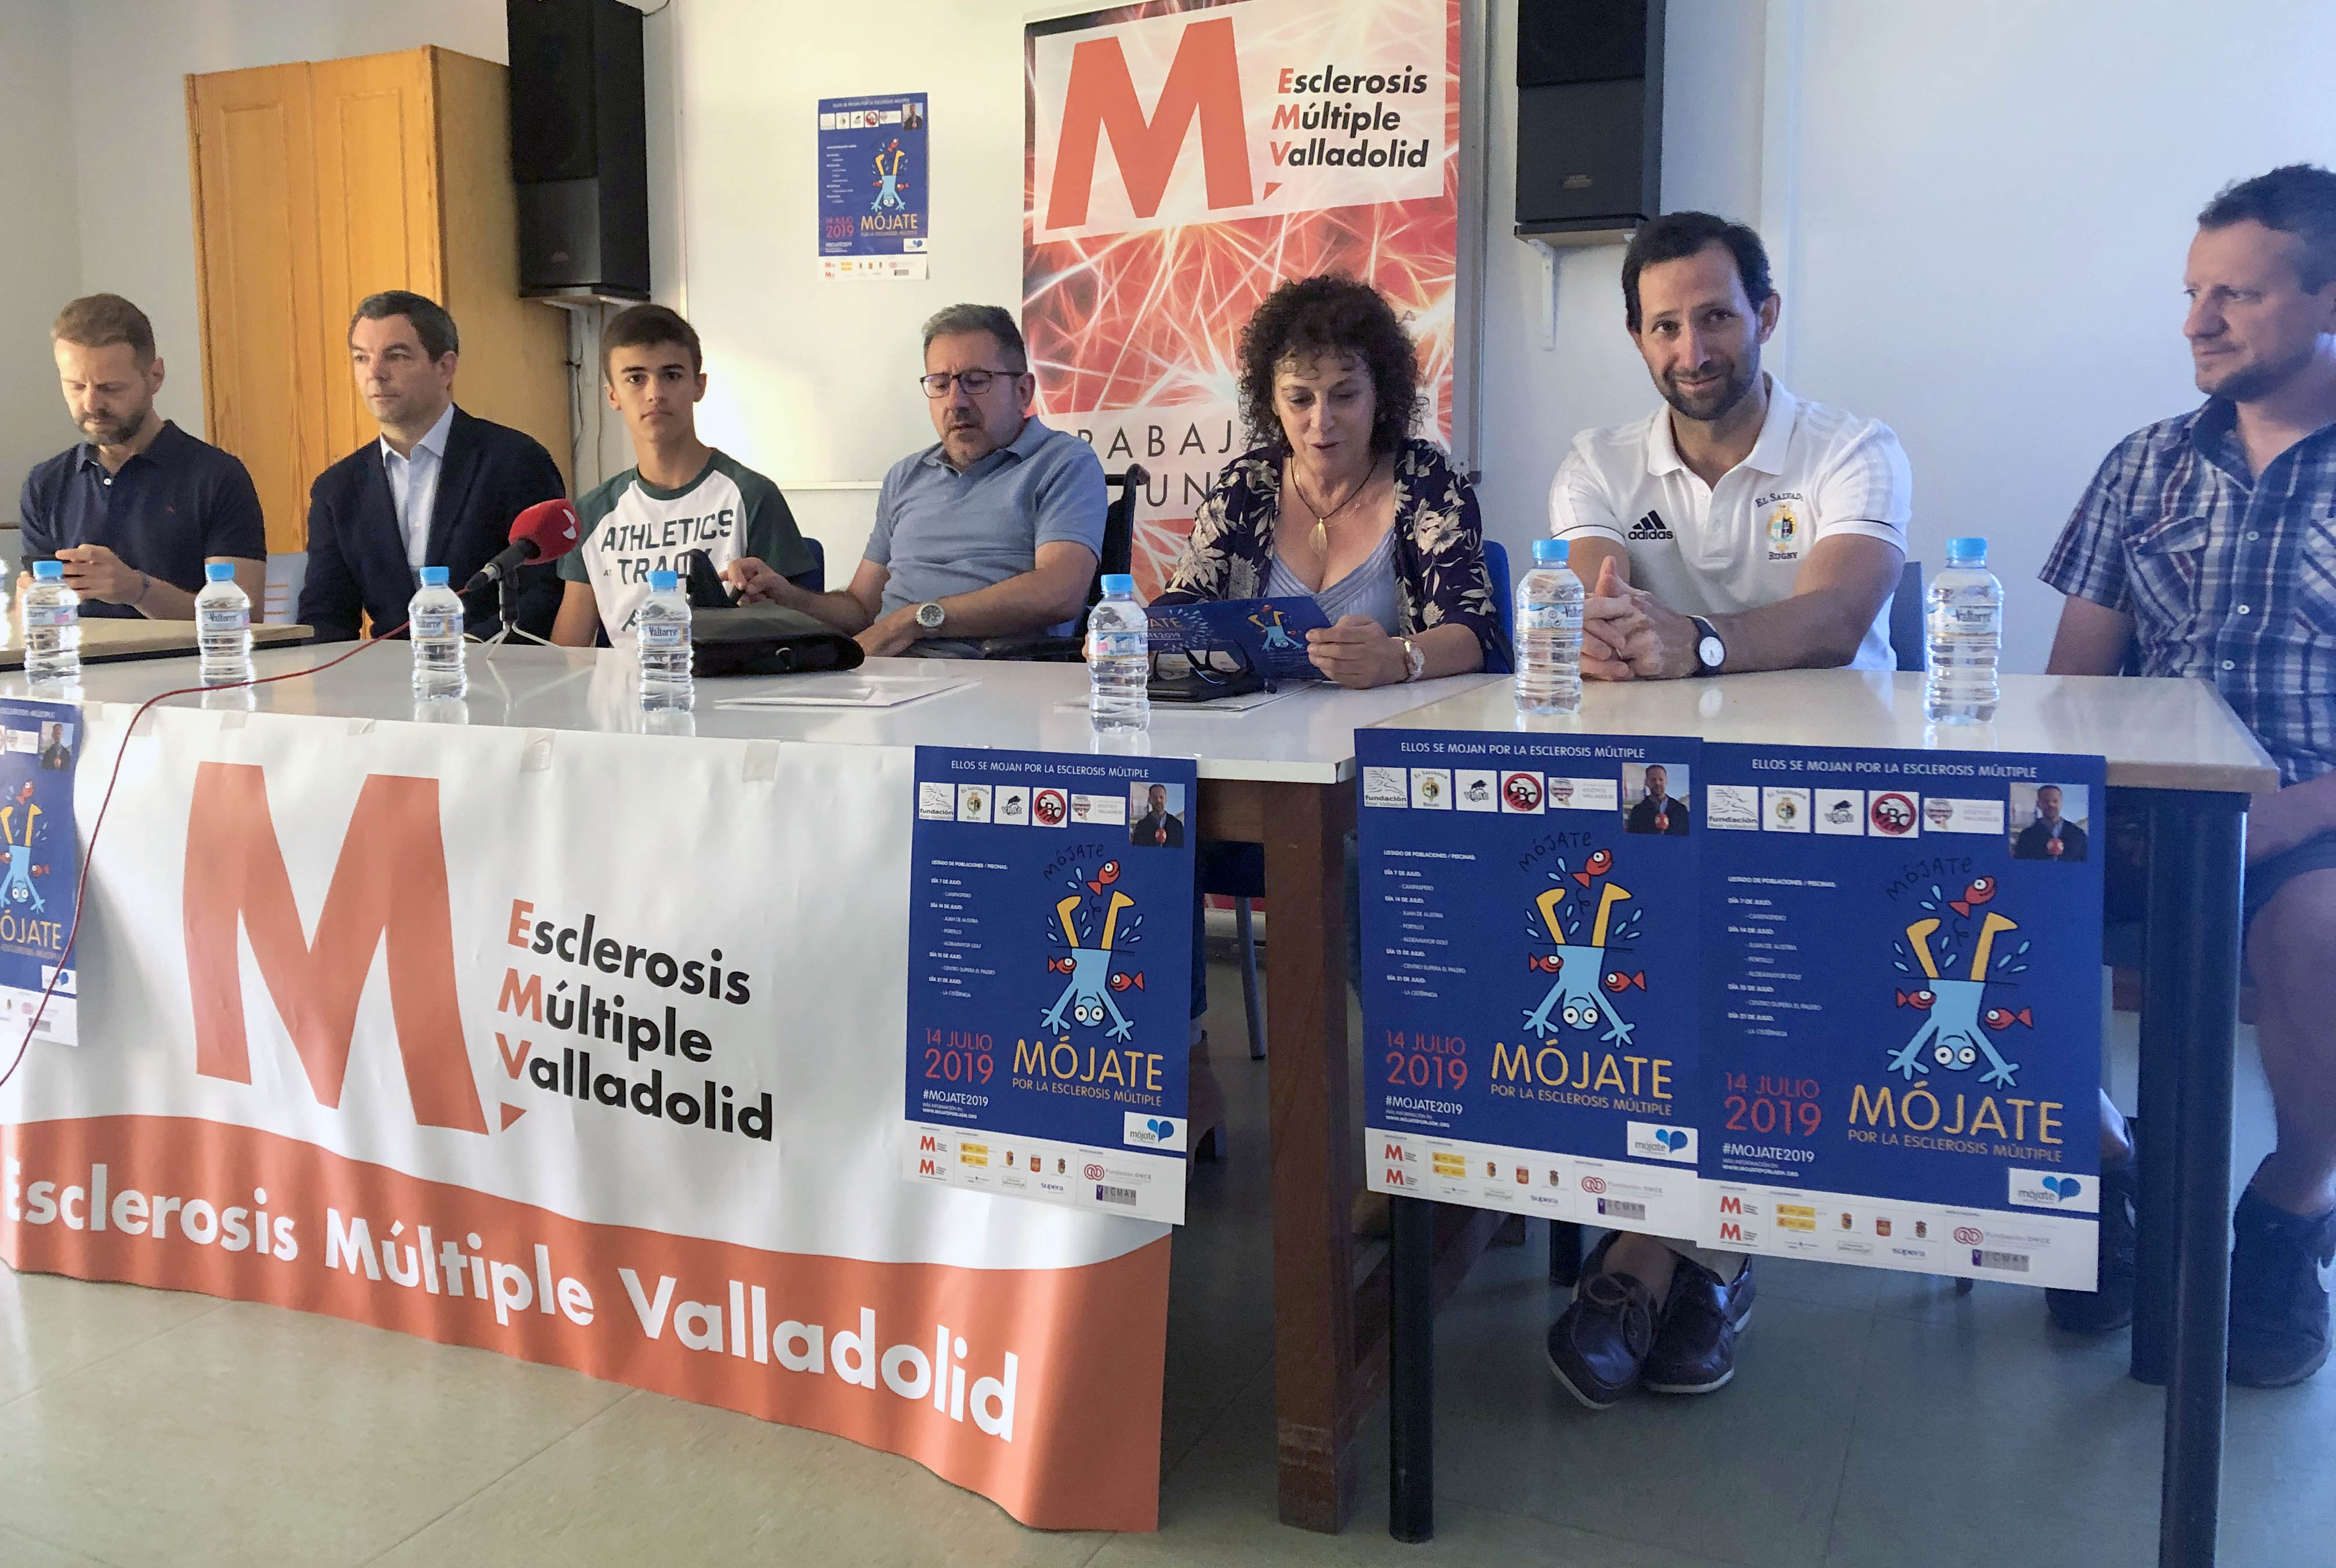 Presentación de la campaña 'Mójate' en Valladolid. FEDEACYL